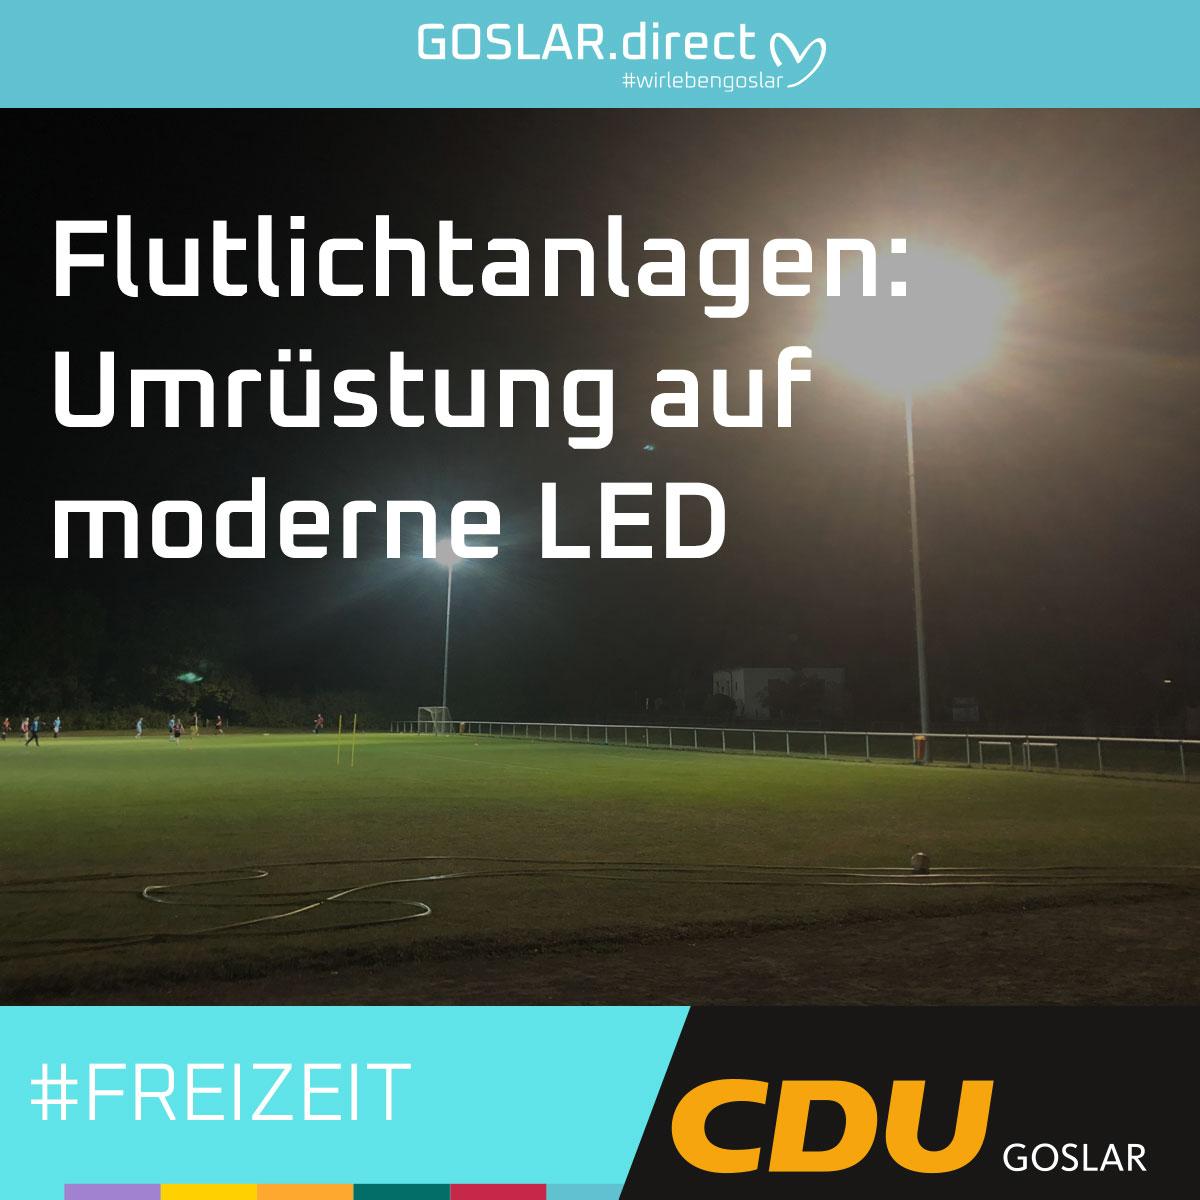 Flutlichtanlagen: Umrüstung auf moderne LED